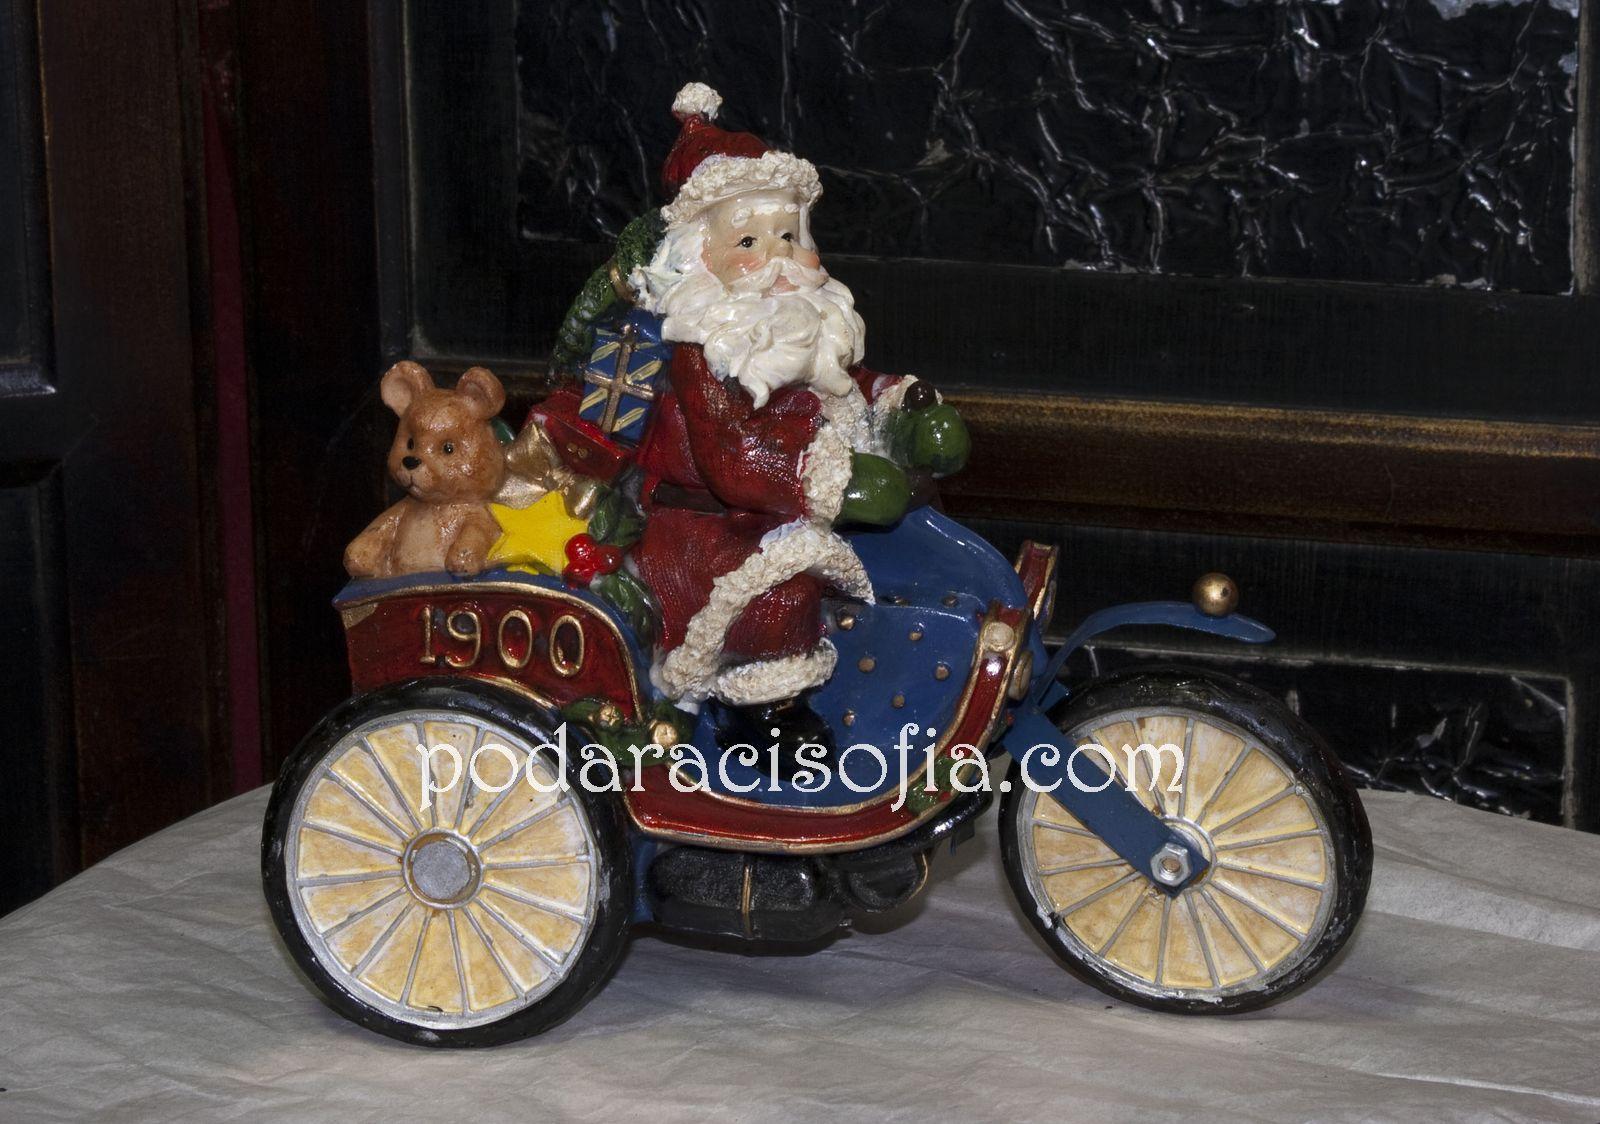 Дядо Коледа с мотор от Gifts - фигурка, изработена от керамика